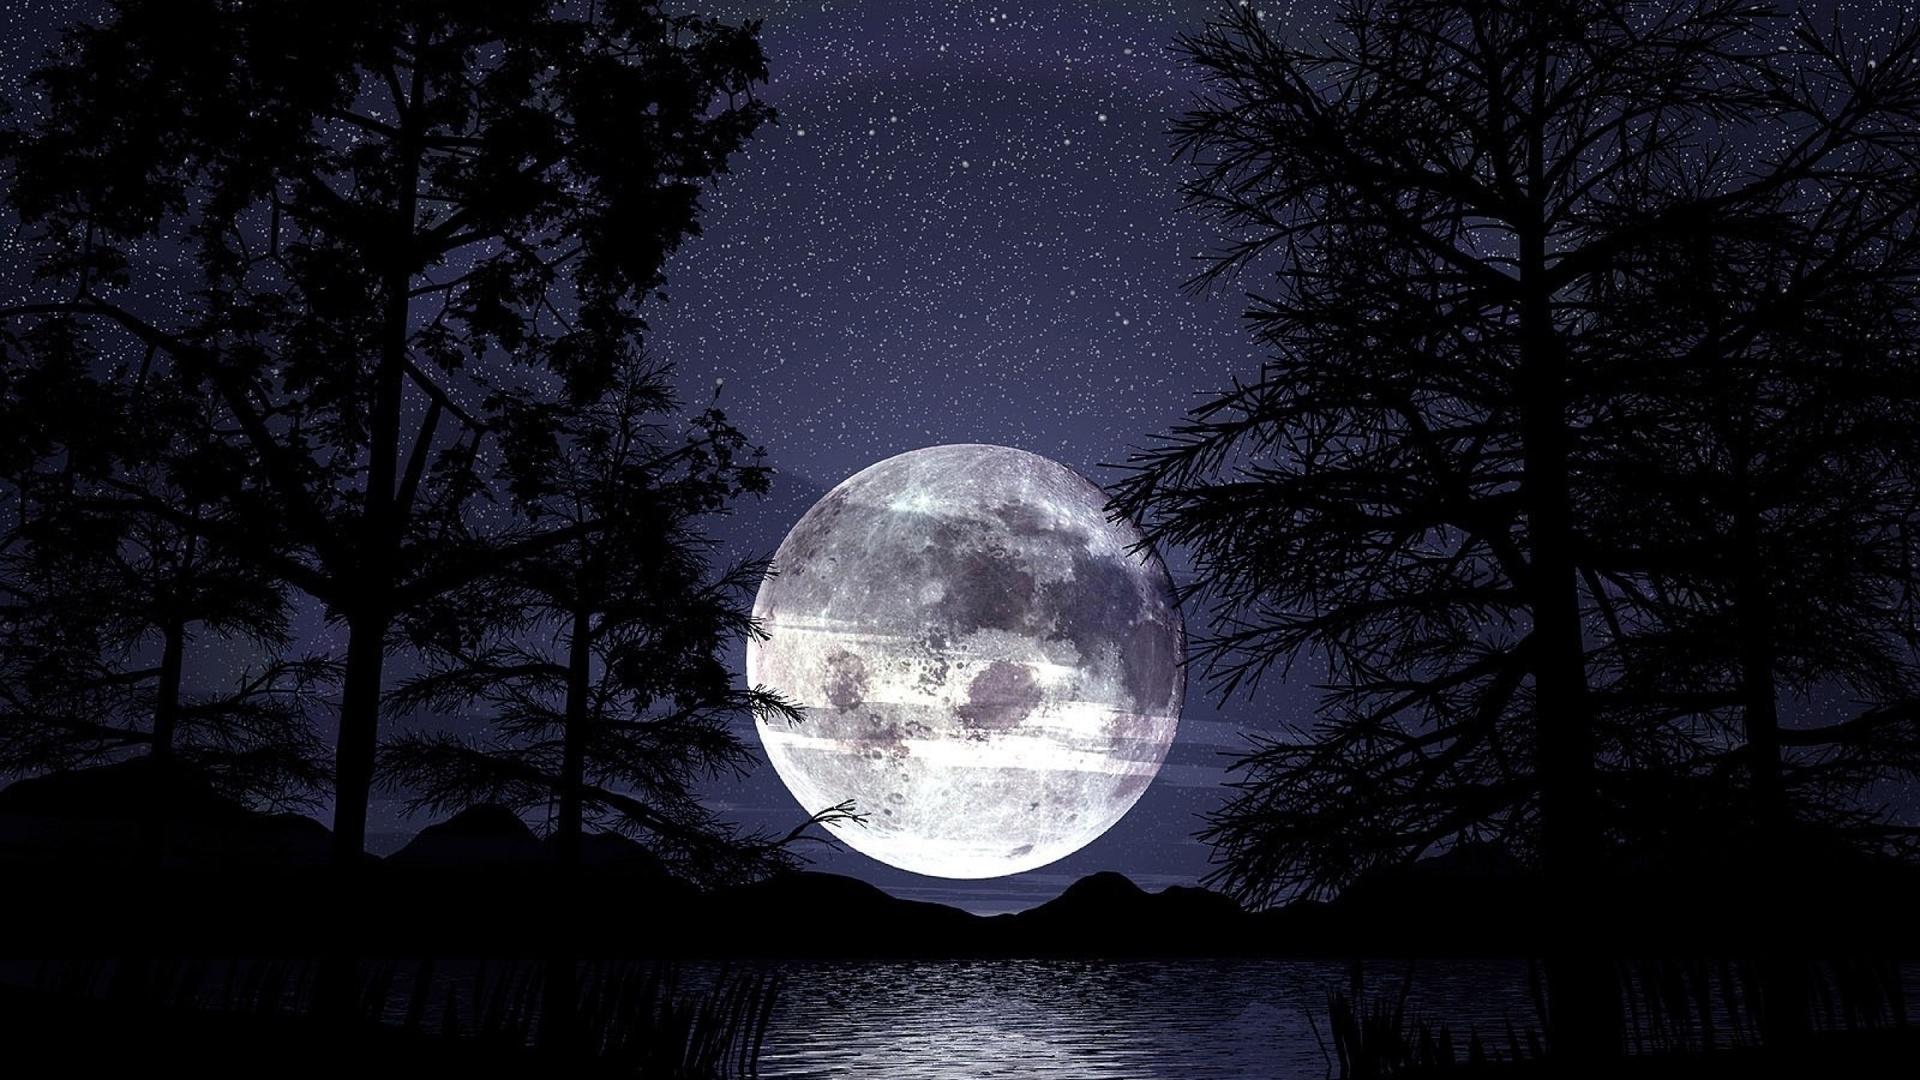 природа, пейзаж, красивый, красота, ночь, ночной, небо, луна, лунный, звезда, звёзды, звёздный, свет, темнота, мрак, лес, лесной, озеро, вода, горы, гора, холмы, холм